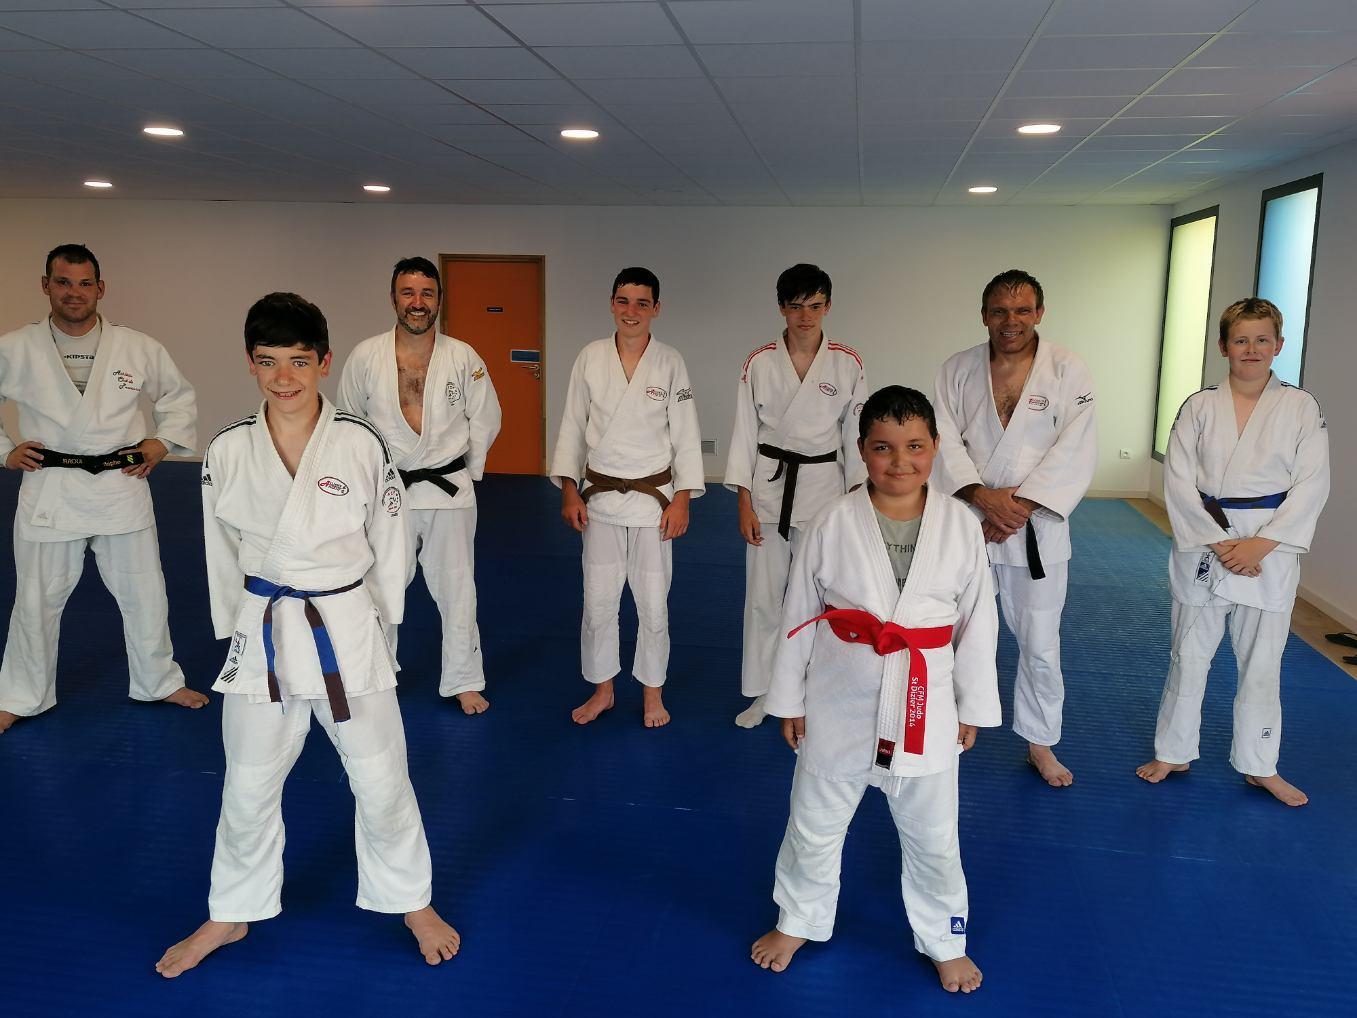 Les judokas ont rendez-vous le mercredi à 19h à la salle de sports, Trévou-Tréguignec